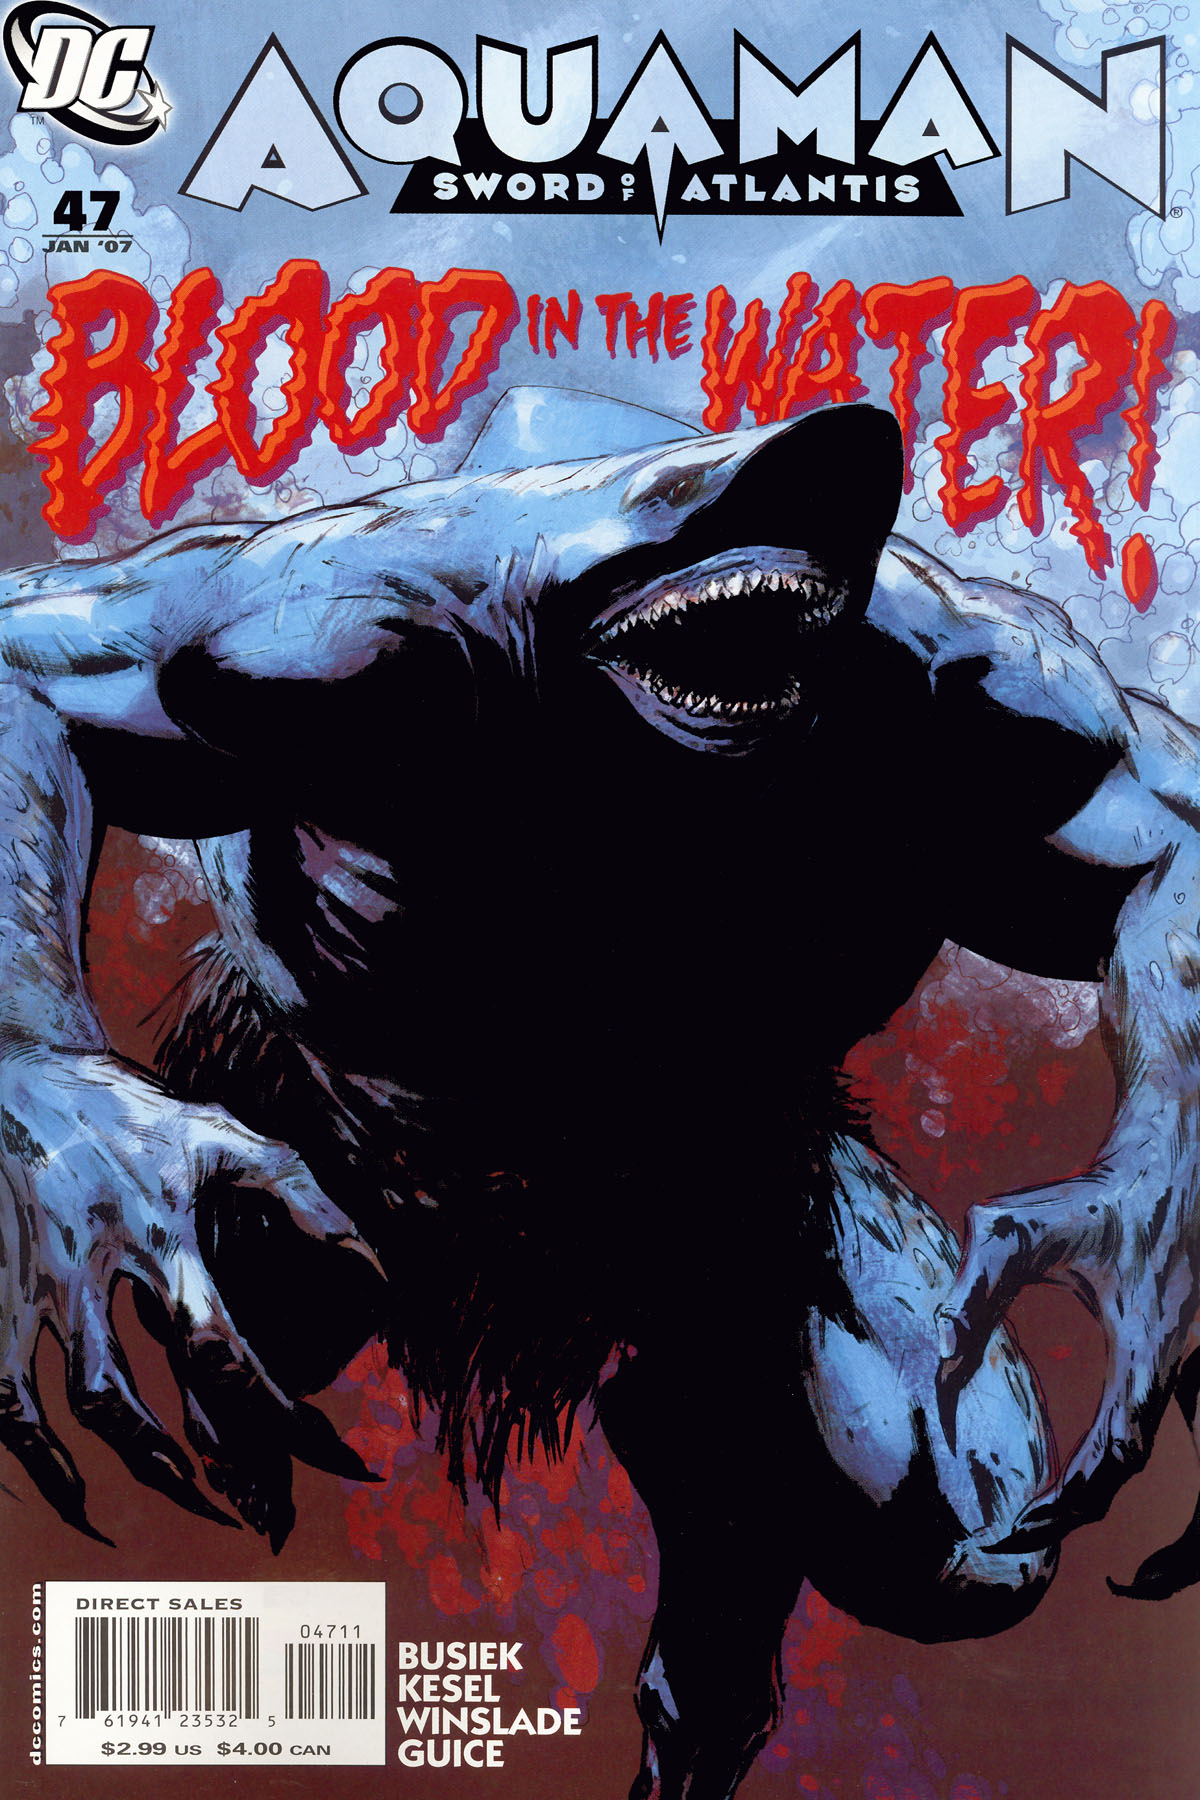 Read online Aquaman: Sword of Atlantis comic -  Issue #47 - 1